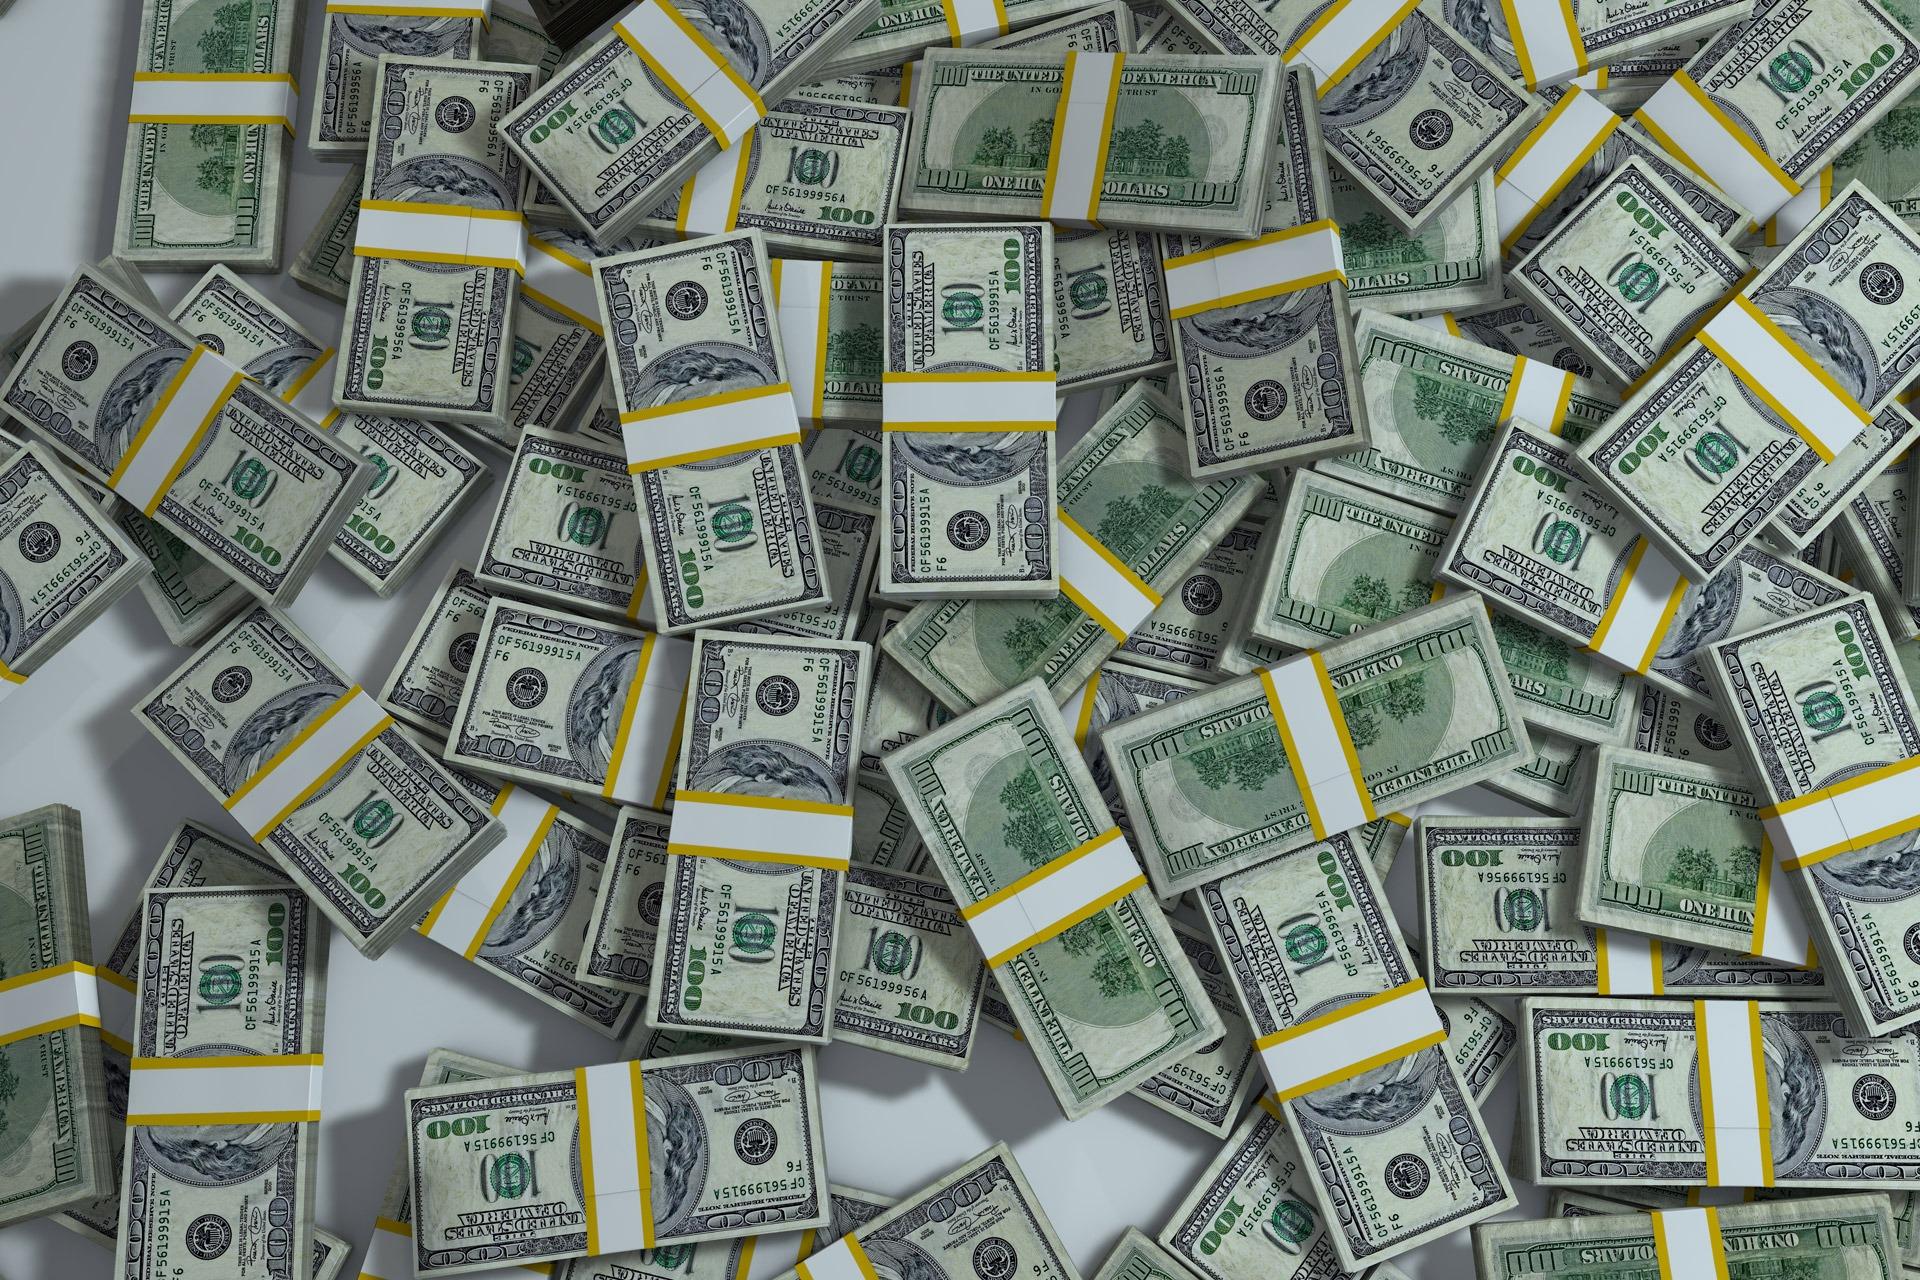 Jak zdobyć 200.000$ w dwa dni?